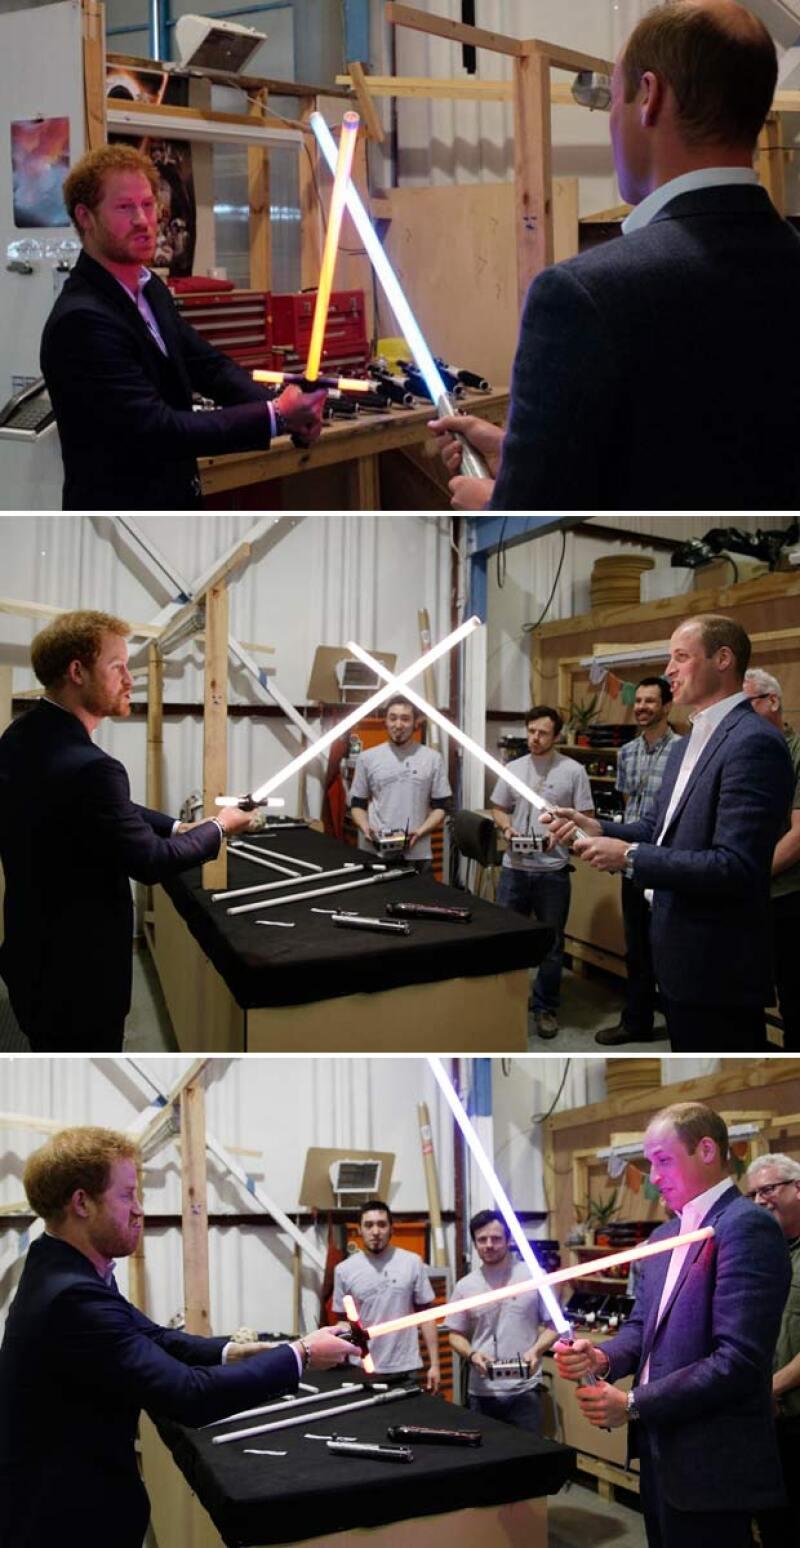 La pelea entre Harry y William con espadas láser como todos unos verdaderos jedi.